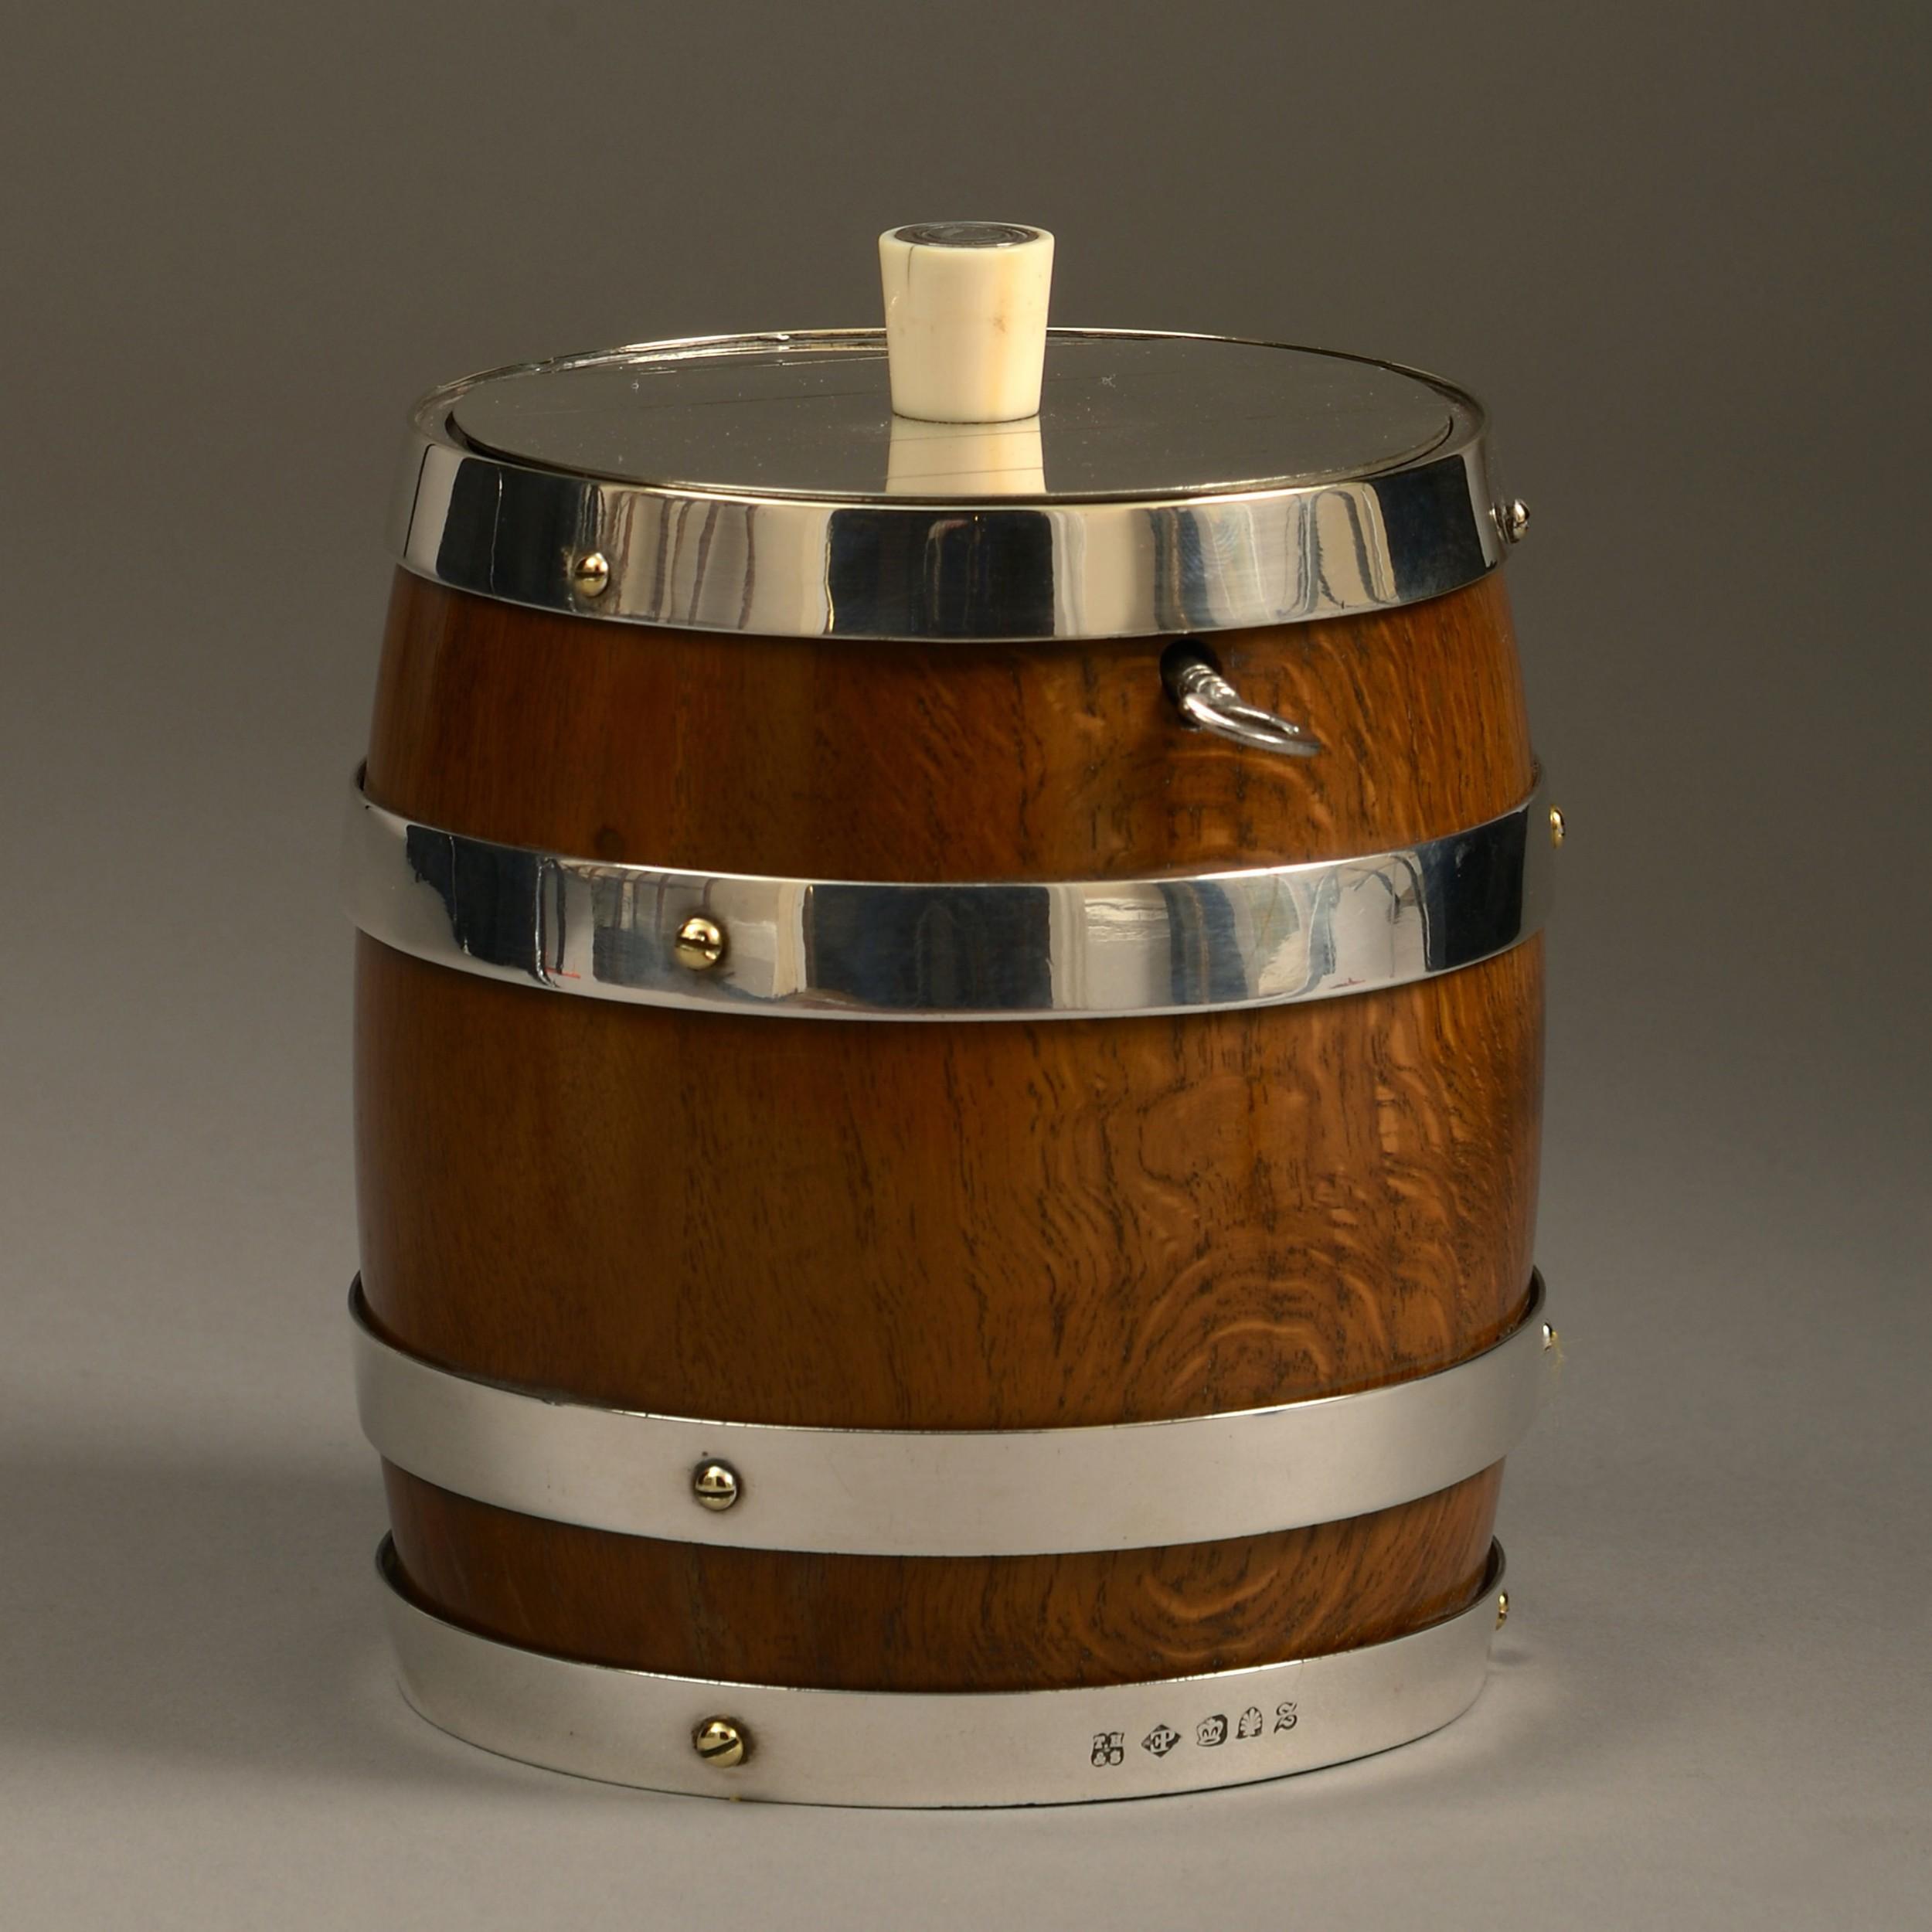 a 19th century oak and silvered barrel tobacco jar